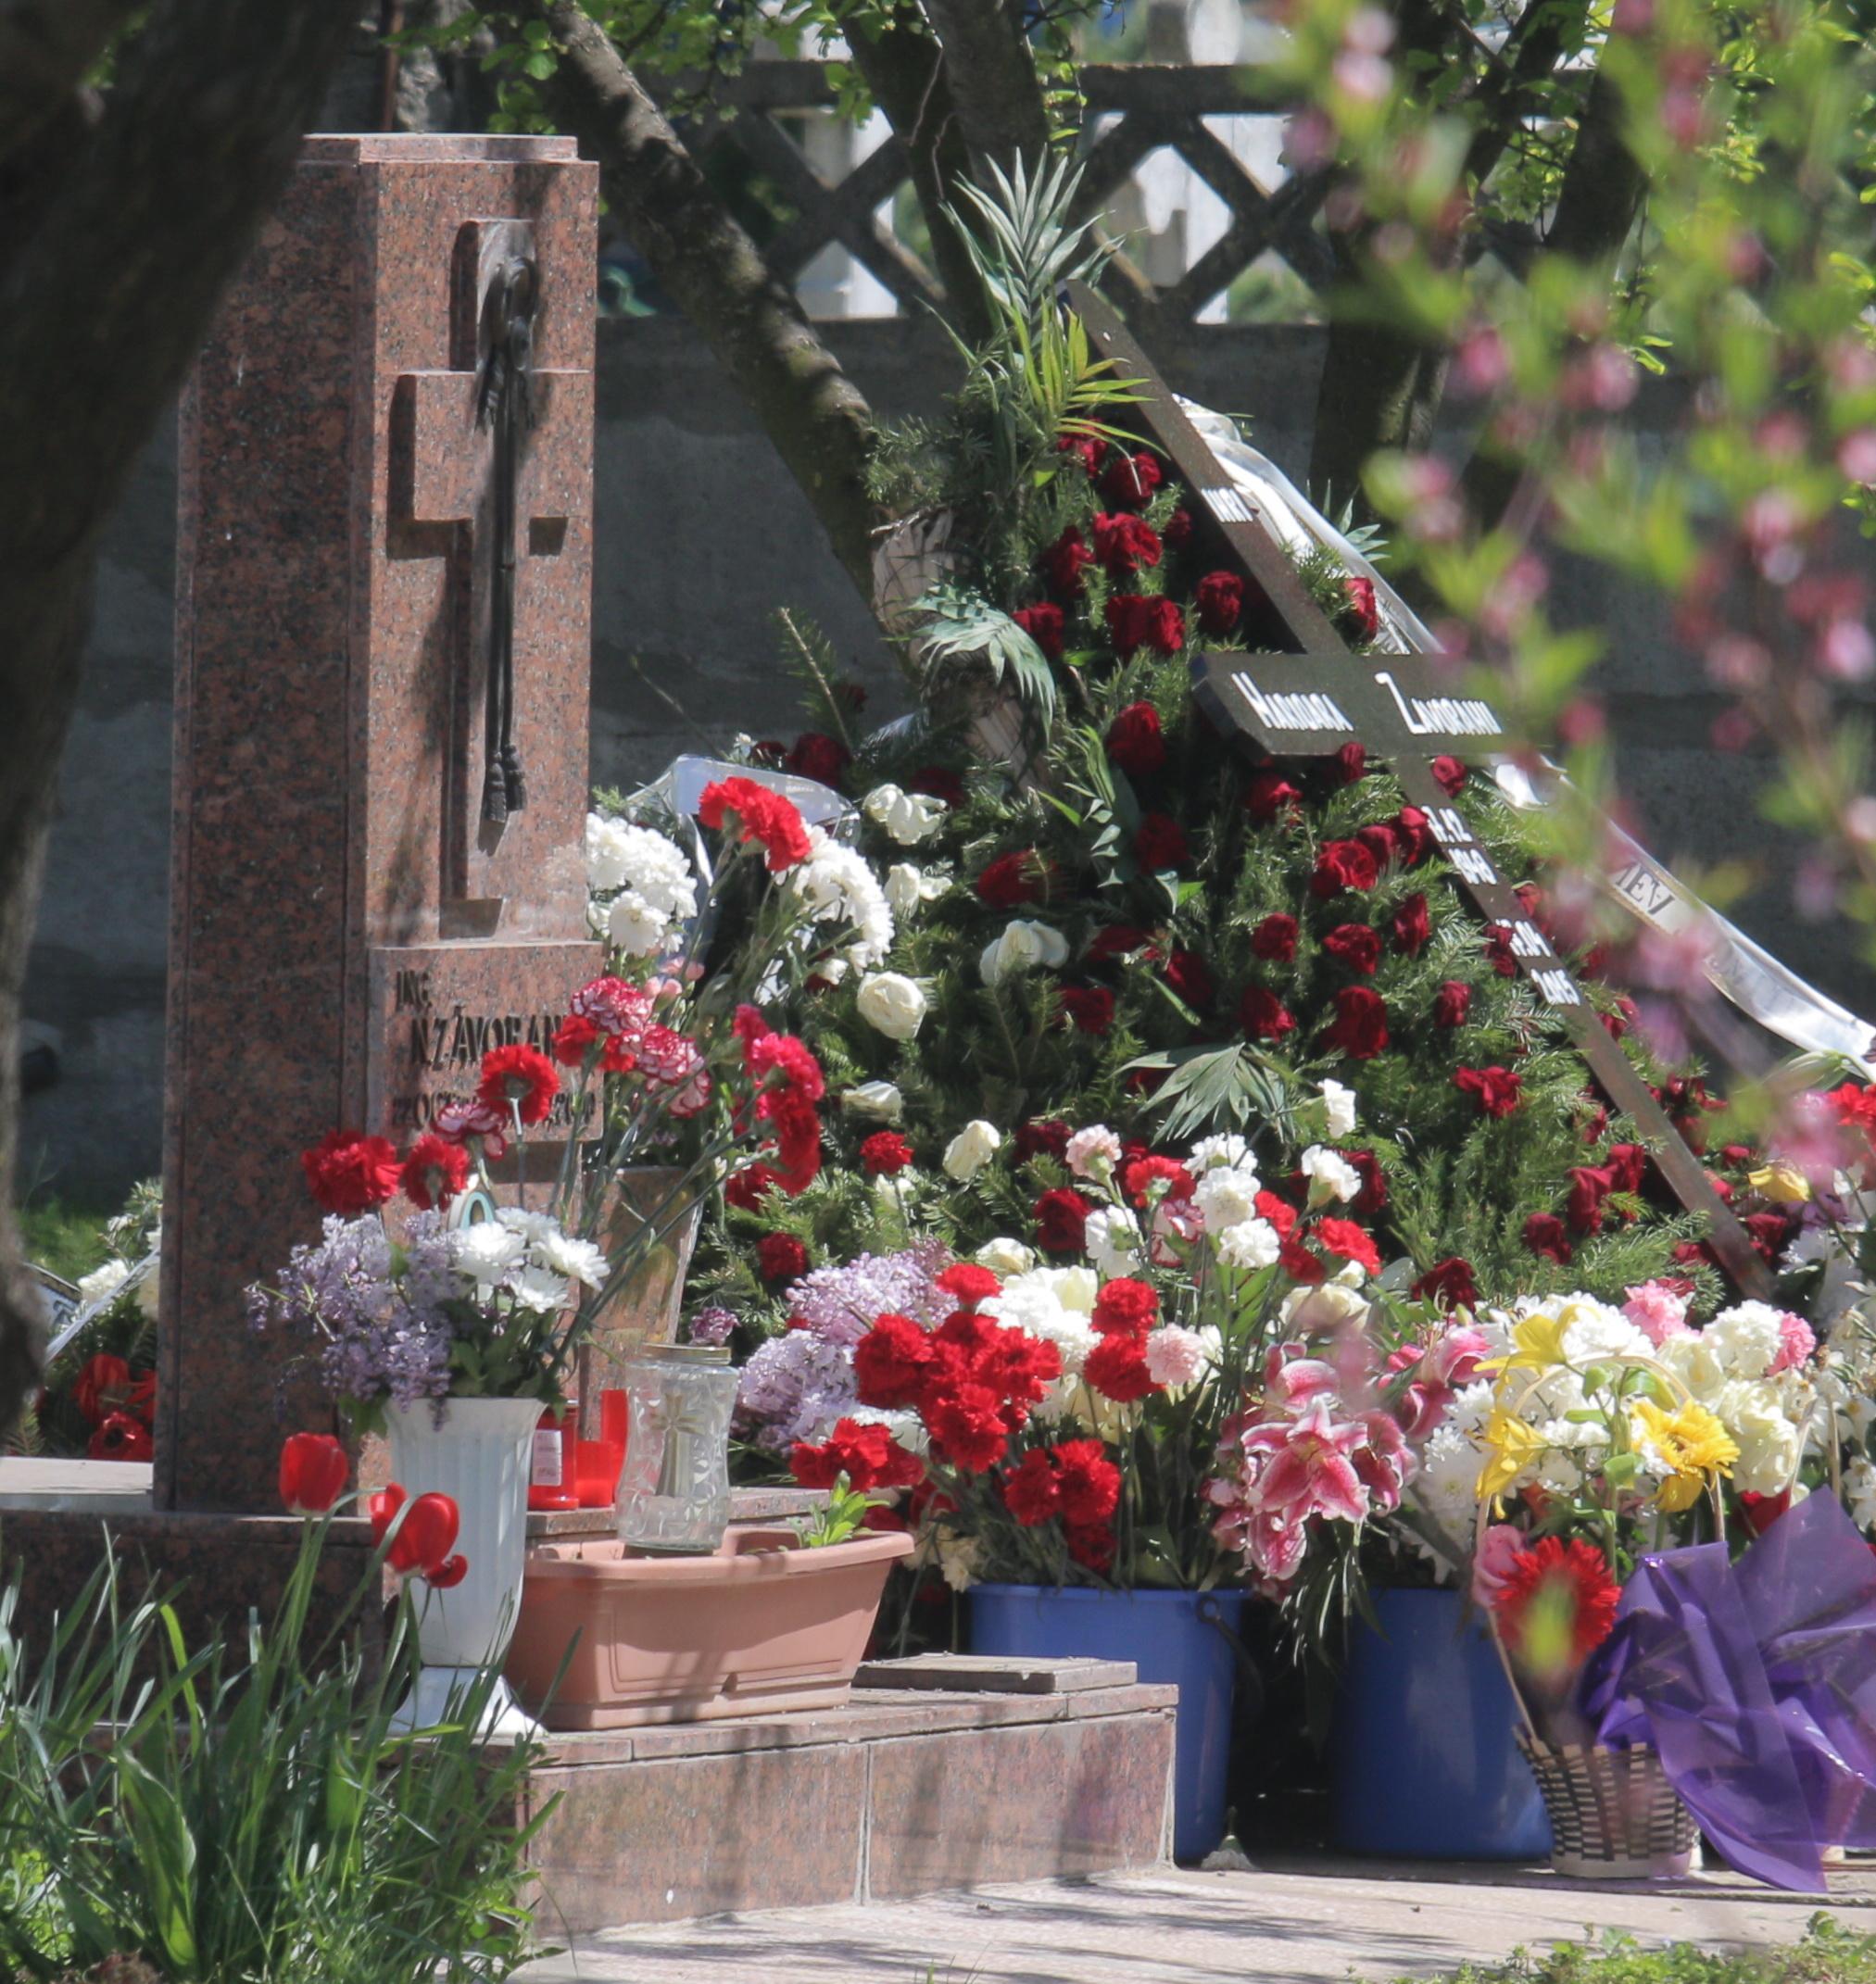 Crucea Marioarei Zavoranu sta rezemata pe o coroana de trandafiri rosii